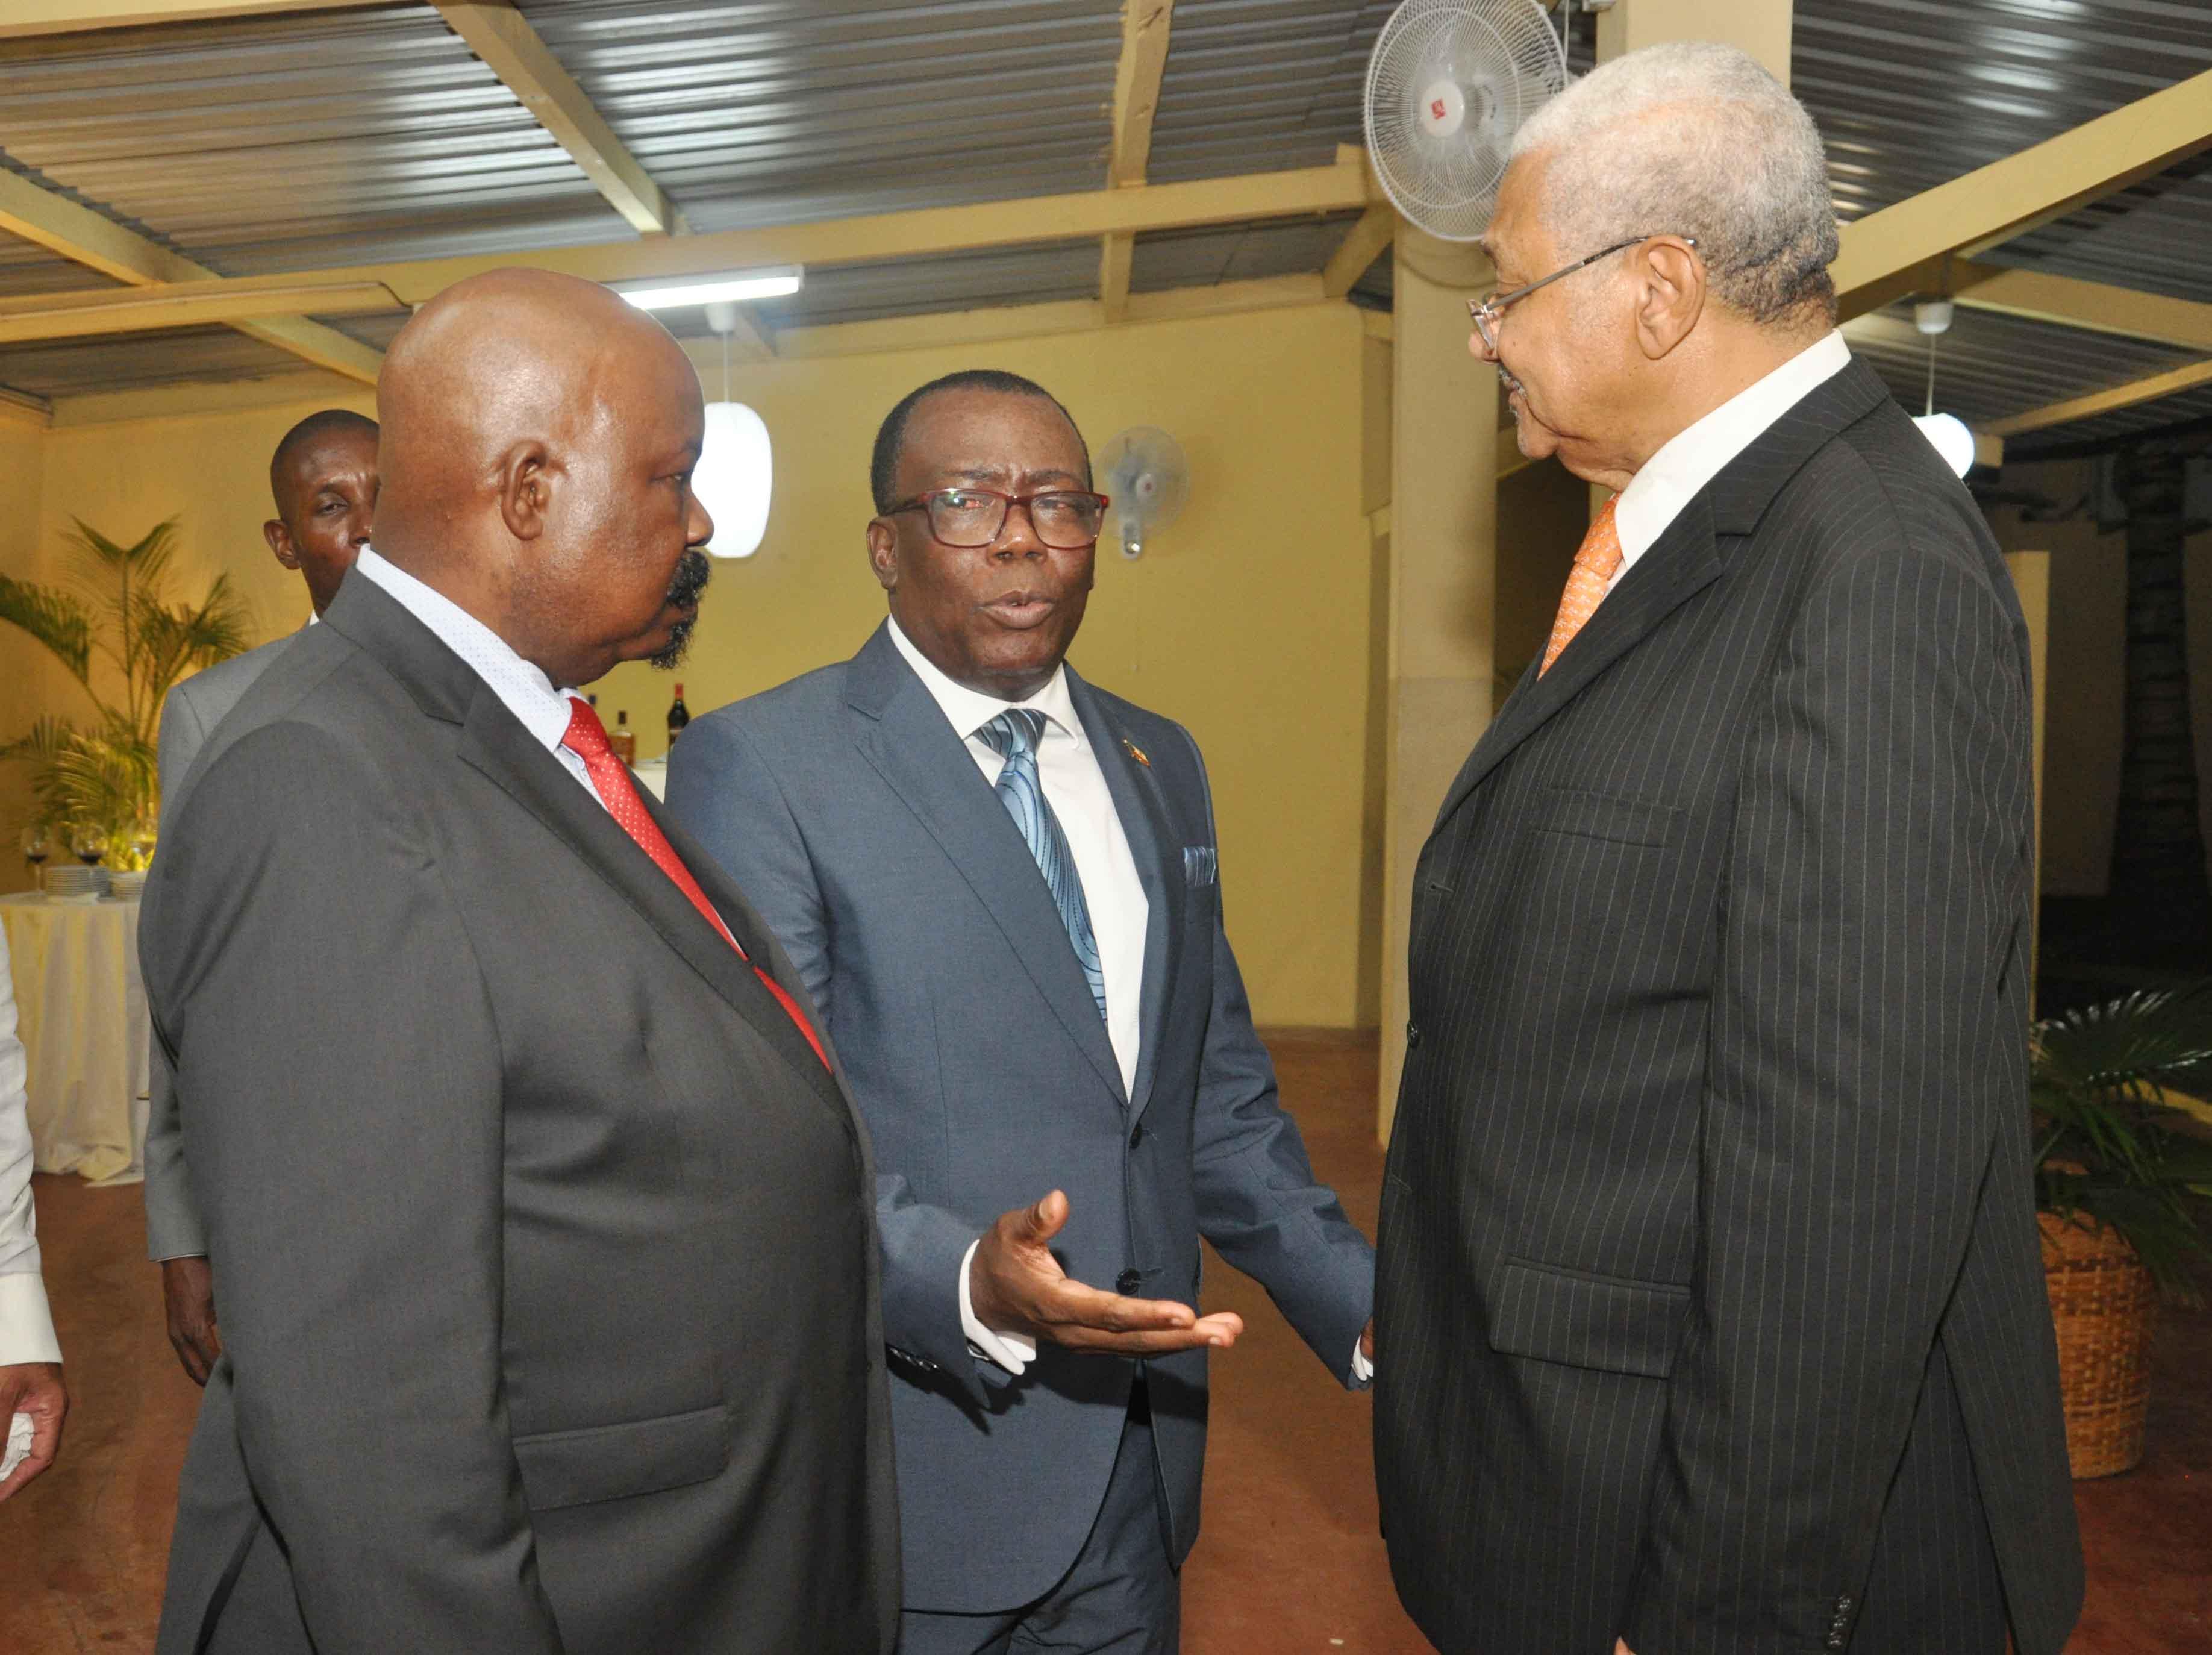 81fc0ef979c Recpção de boas vindas do Emb. de Angola oferecido por Emb. Decano da Guinê  Equatorial em 16-05-2018 (7)